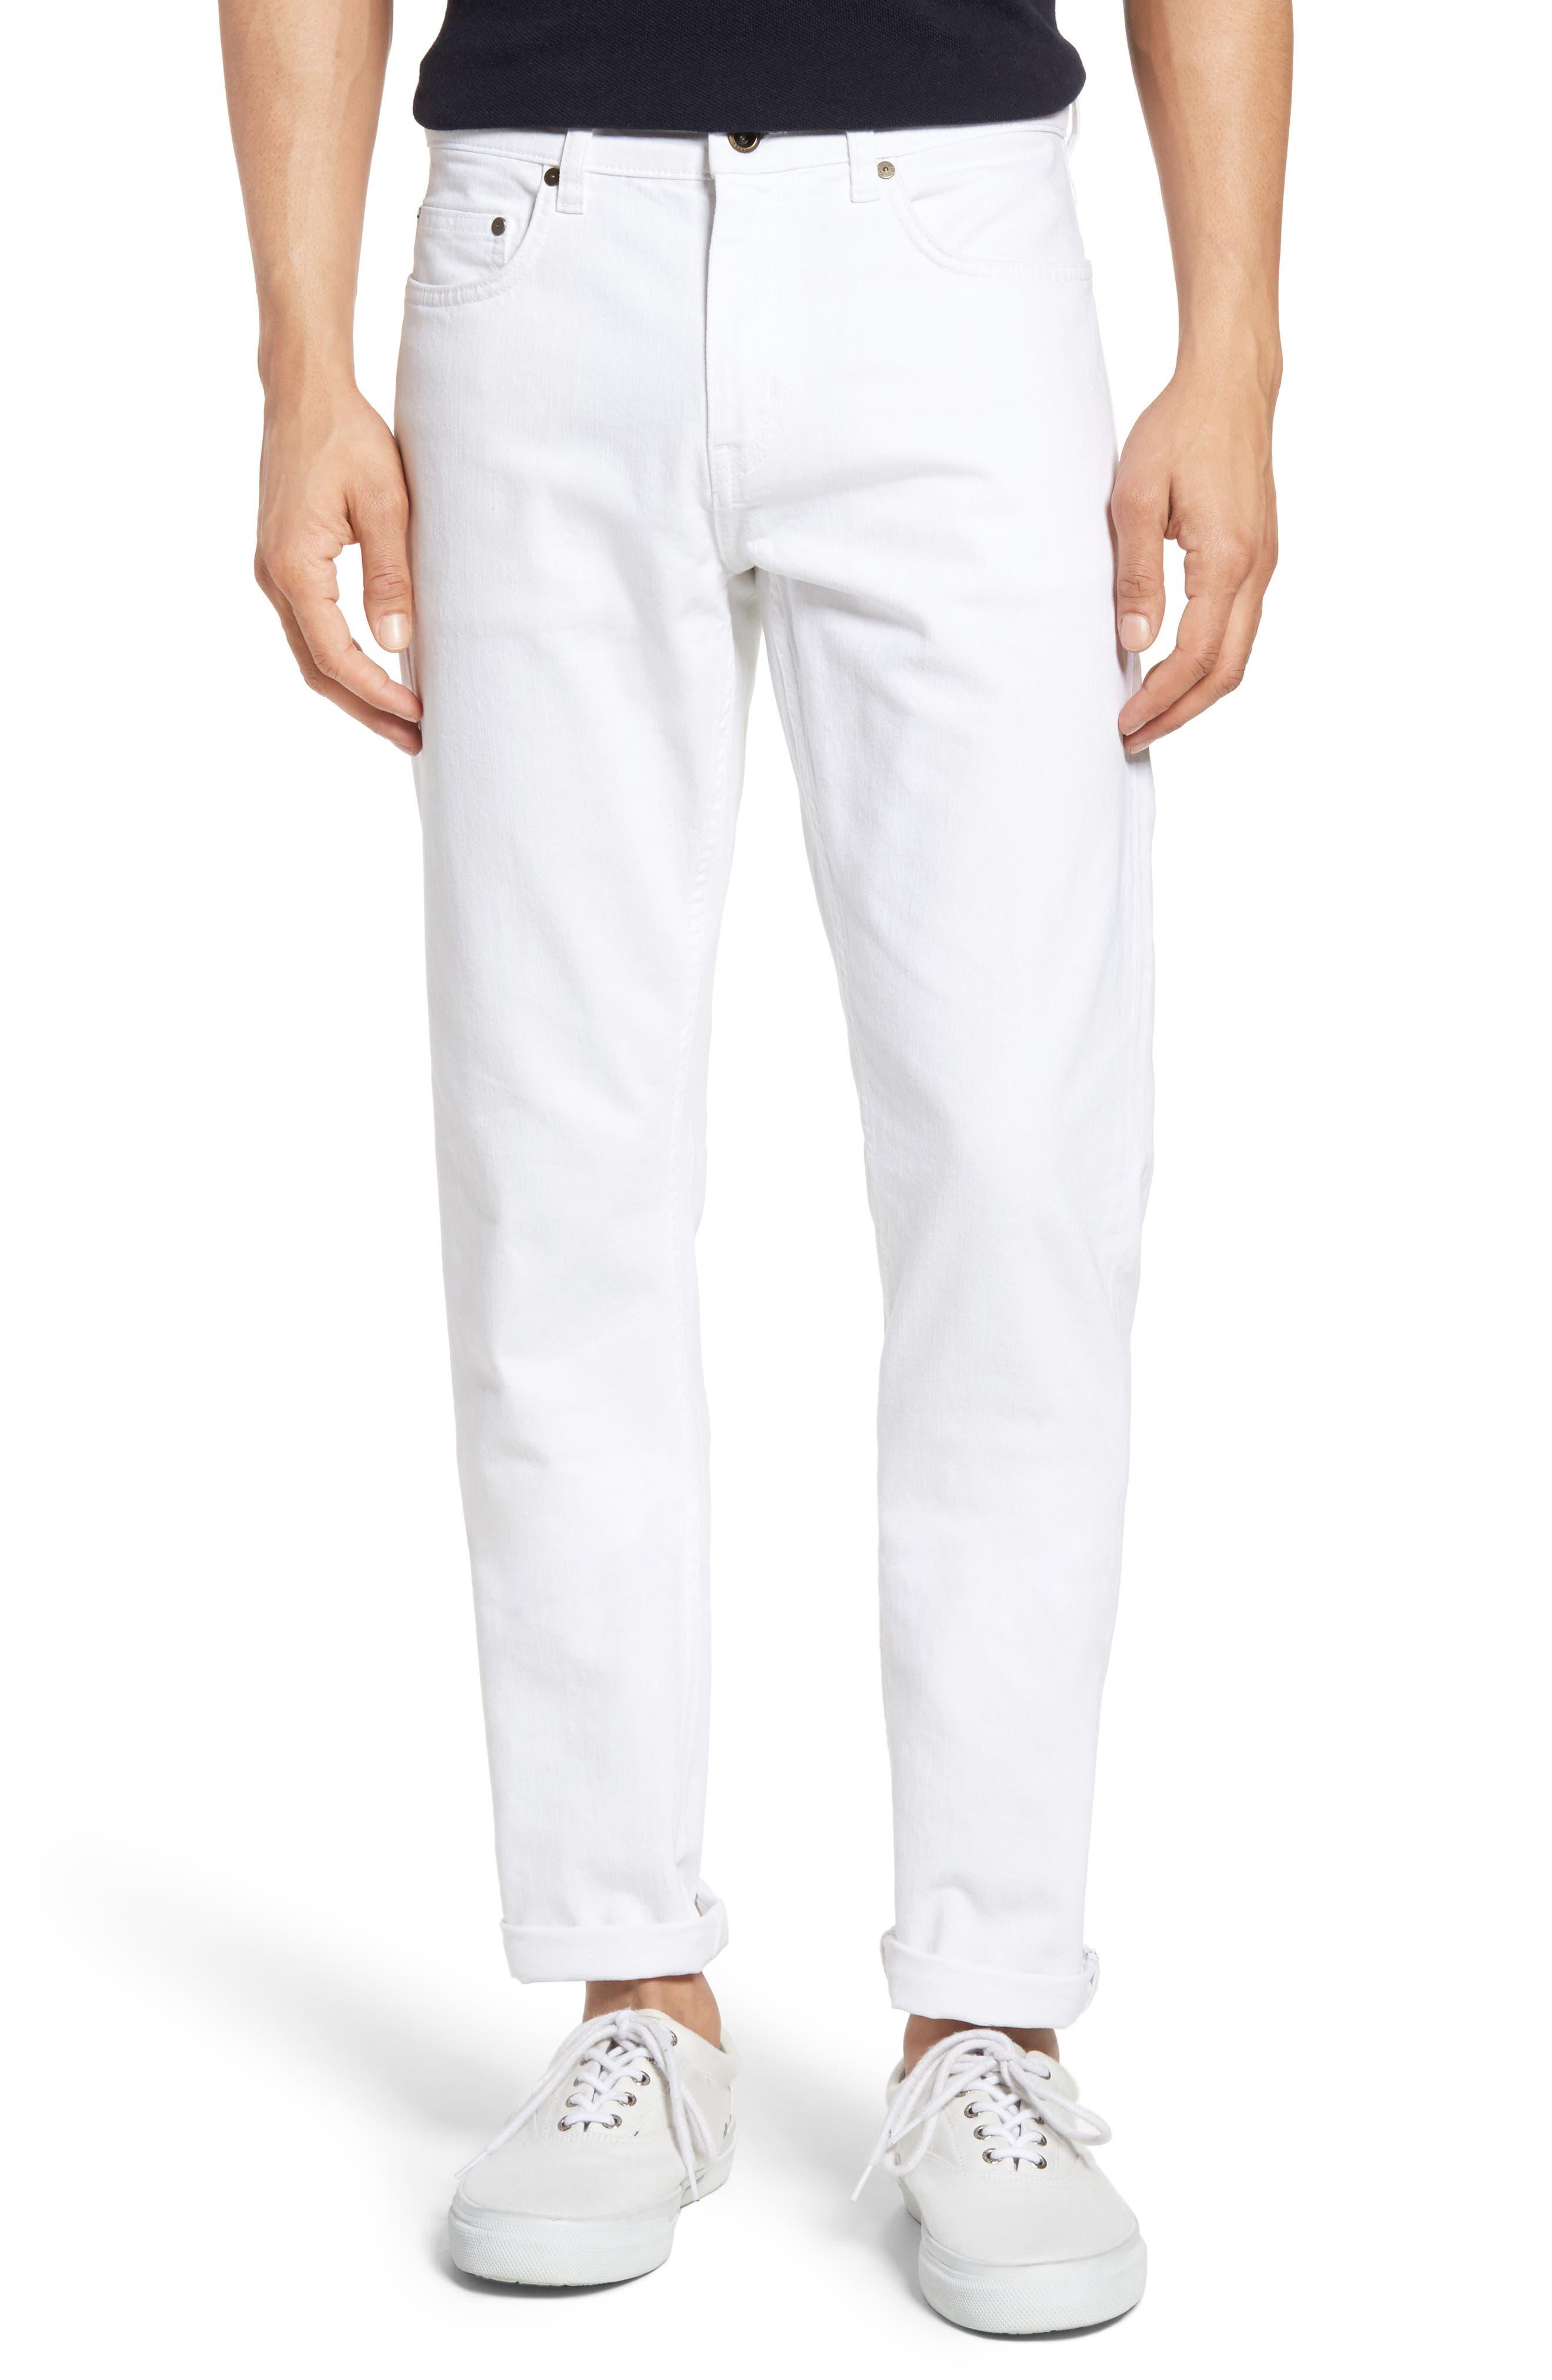 Alternate Image 1 Selected - Rodd & Gunn Allemand Straight Leg Jeans (Snow)